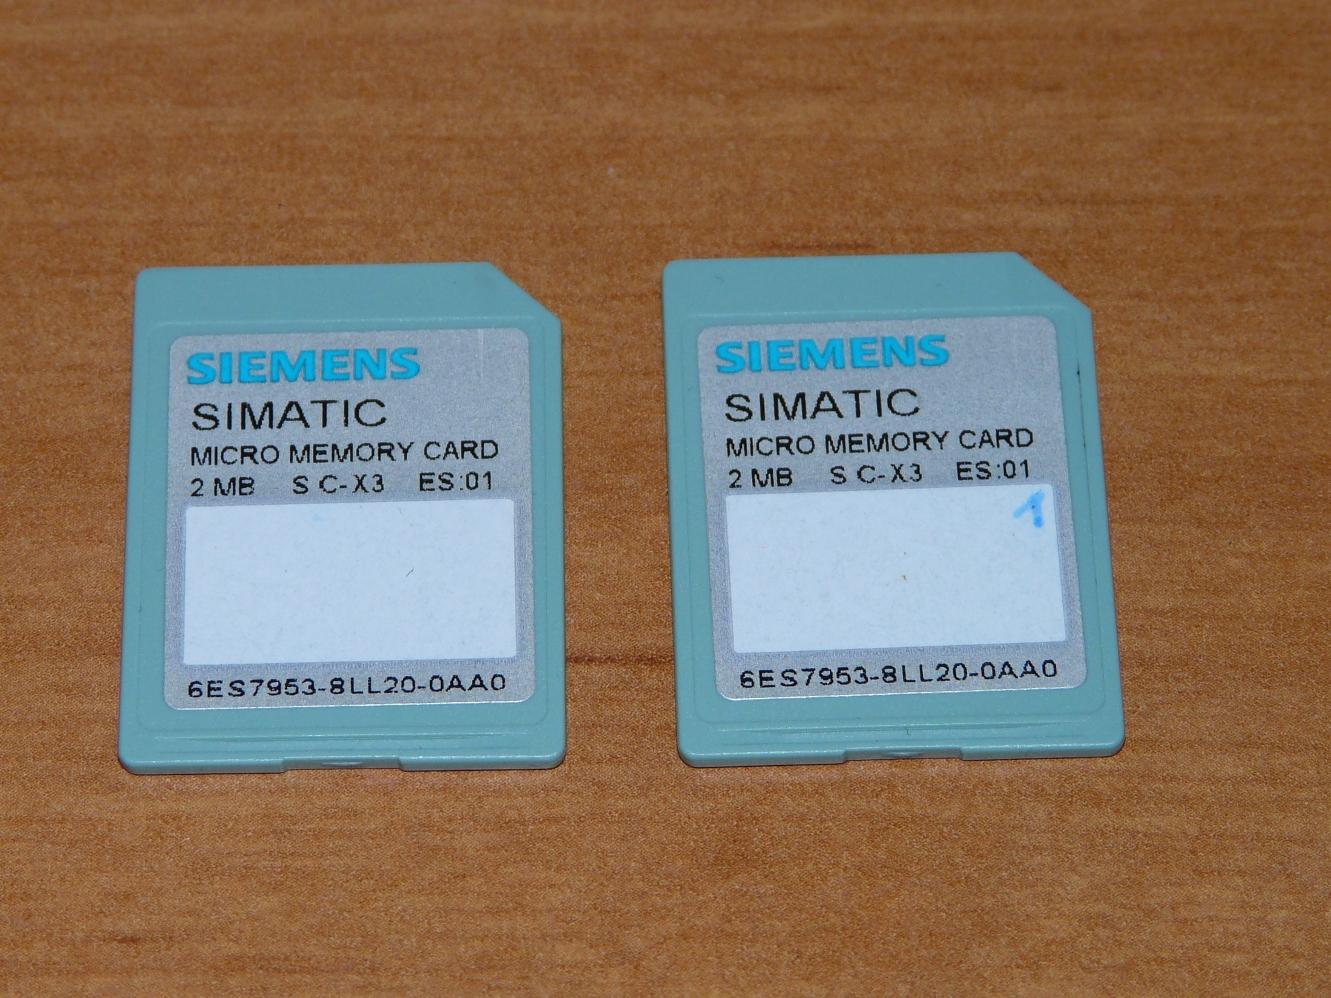 [Sprzedam] 2 karty MMC Siemens Simatic o pojemno�ci 2MB